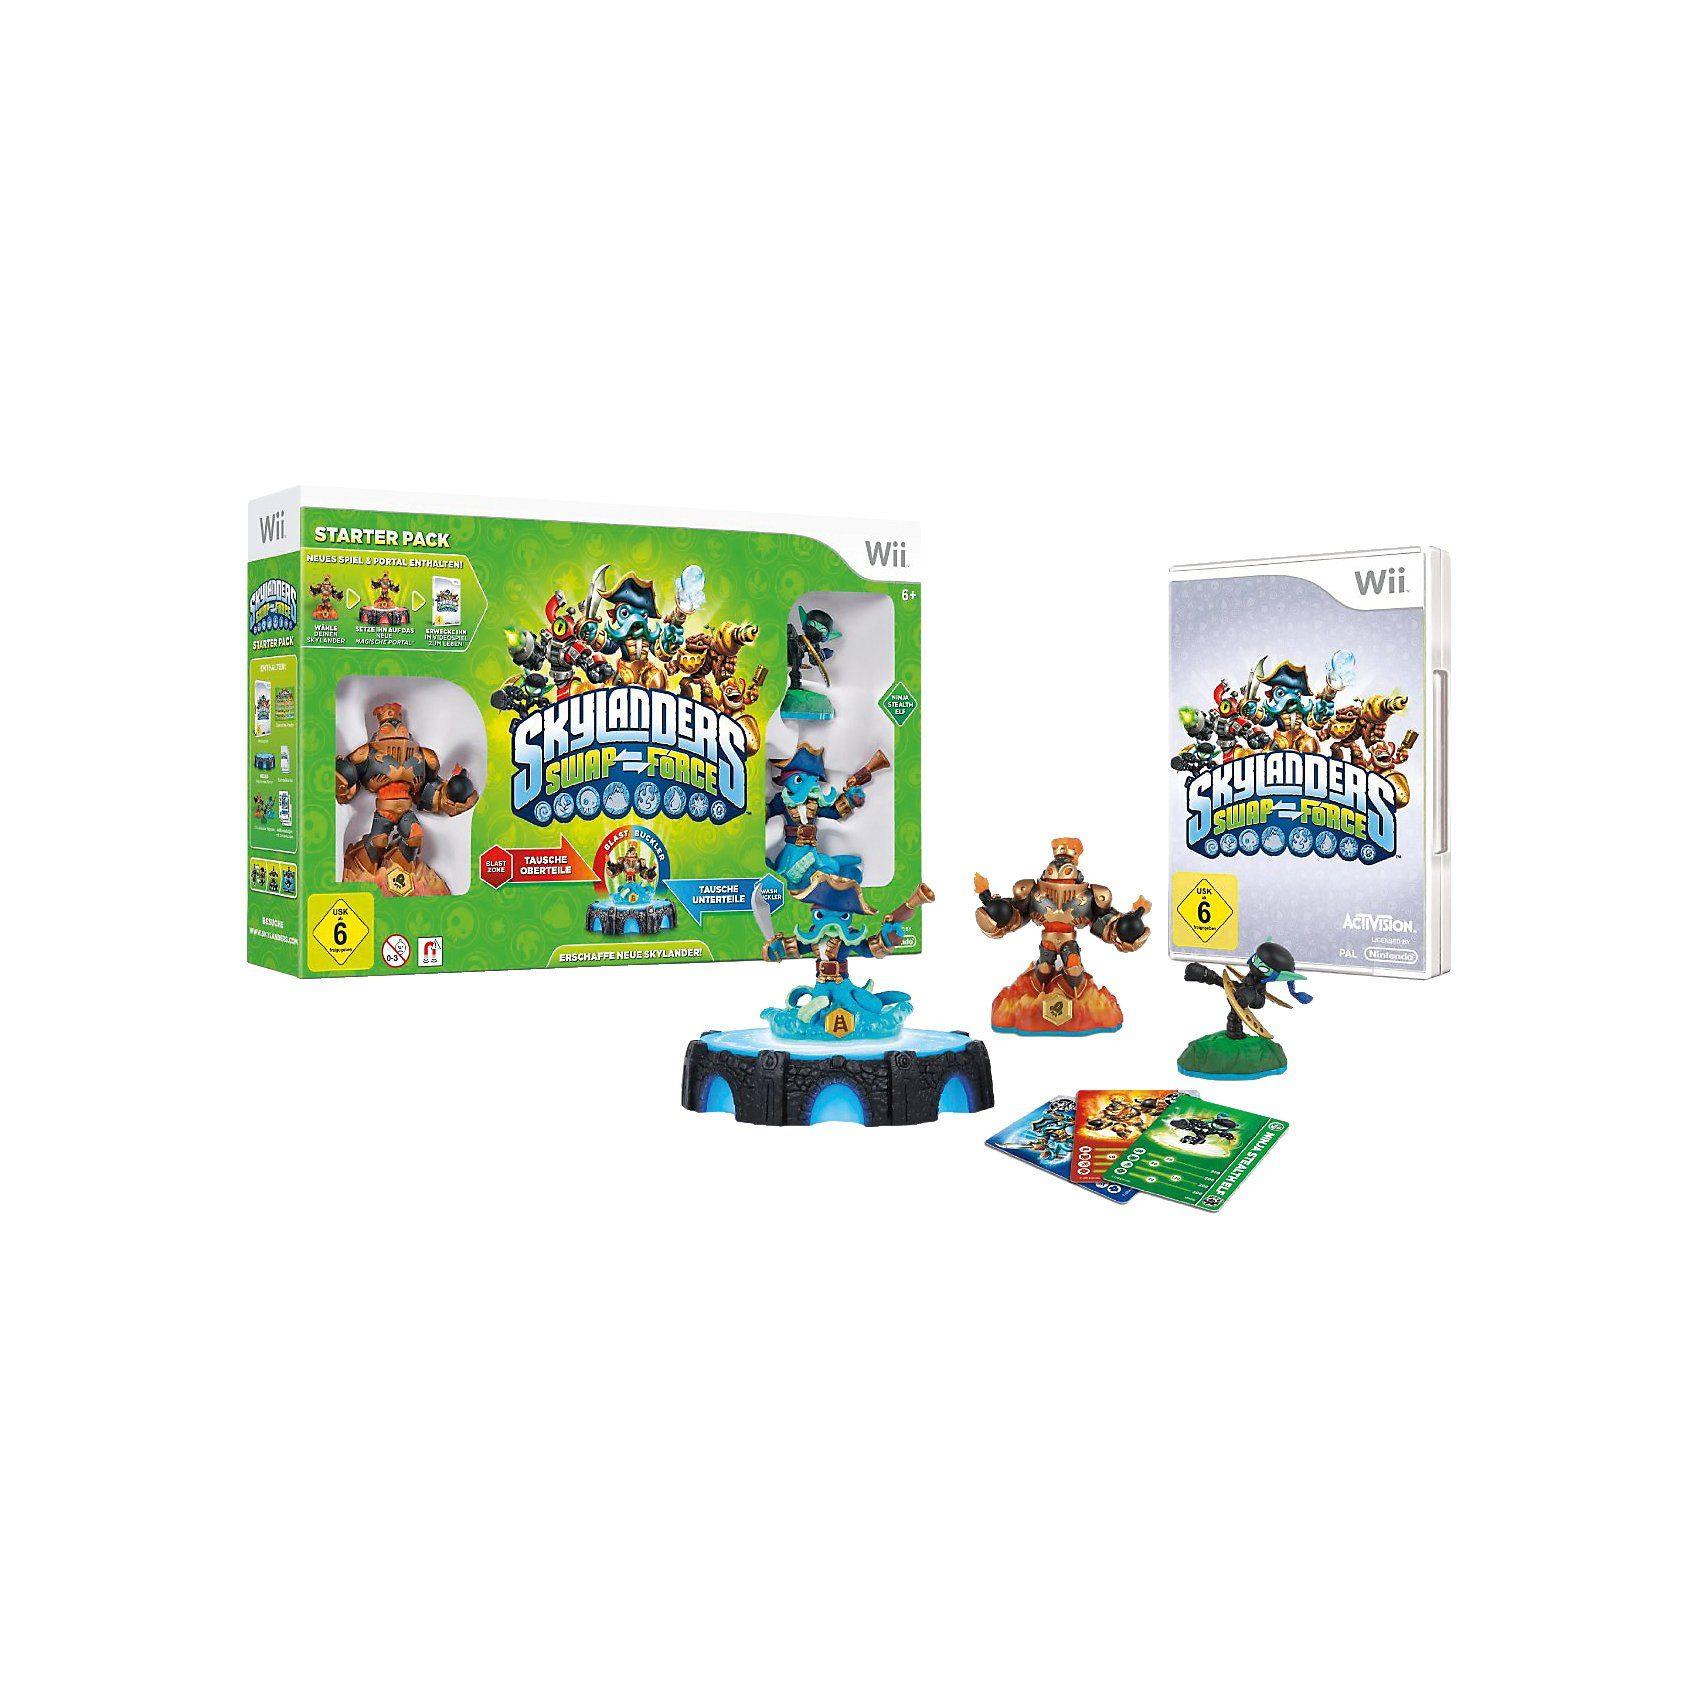 ak tronic Wii Skylanders Swap Force Starter Pack